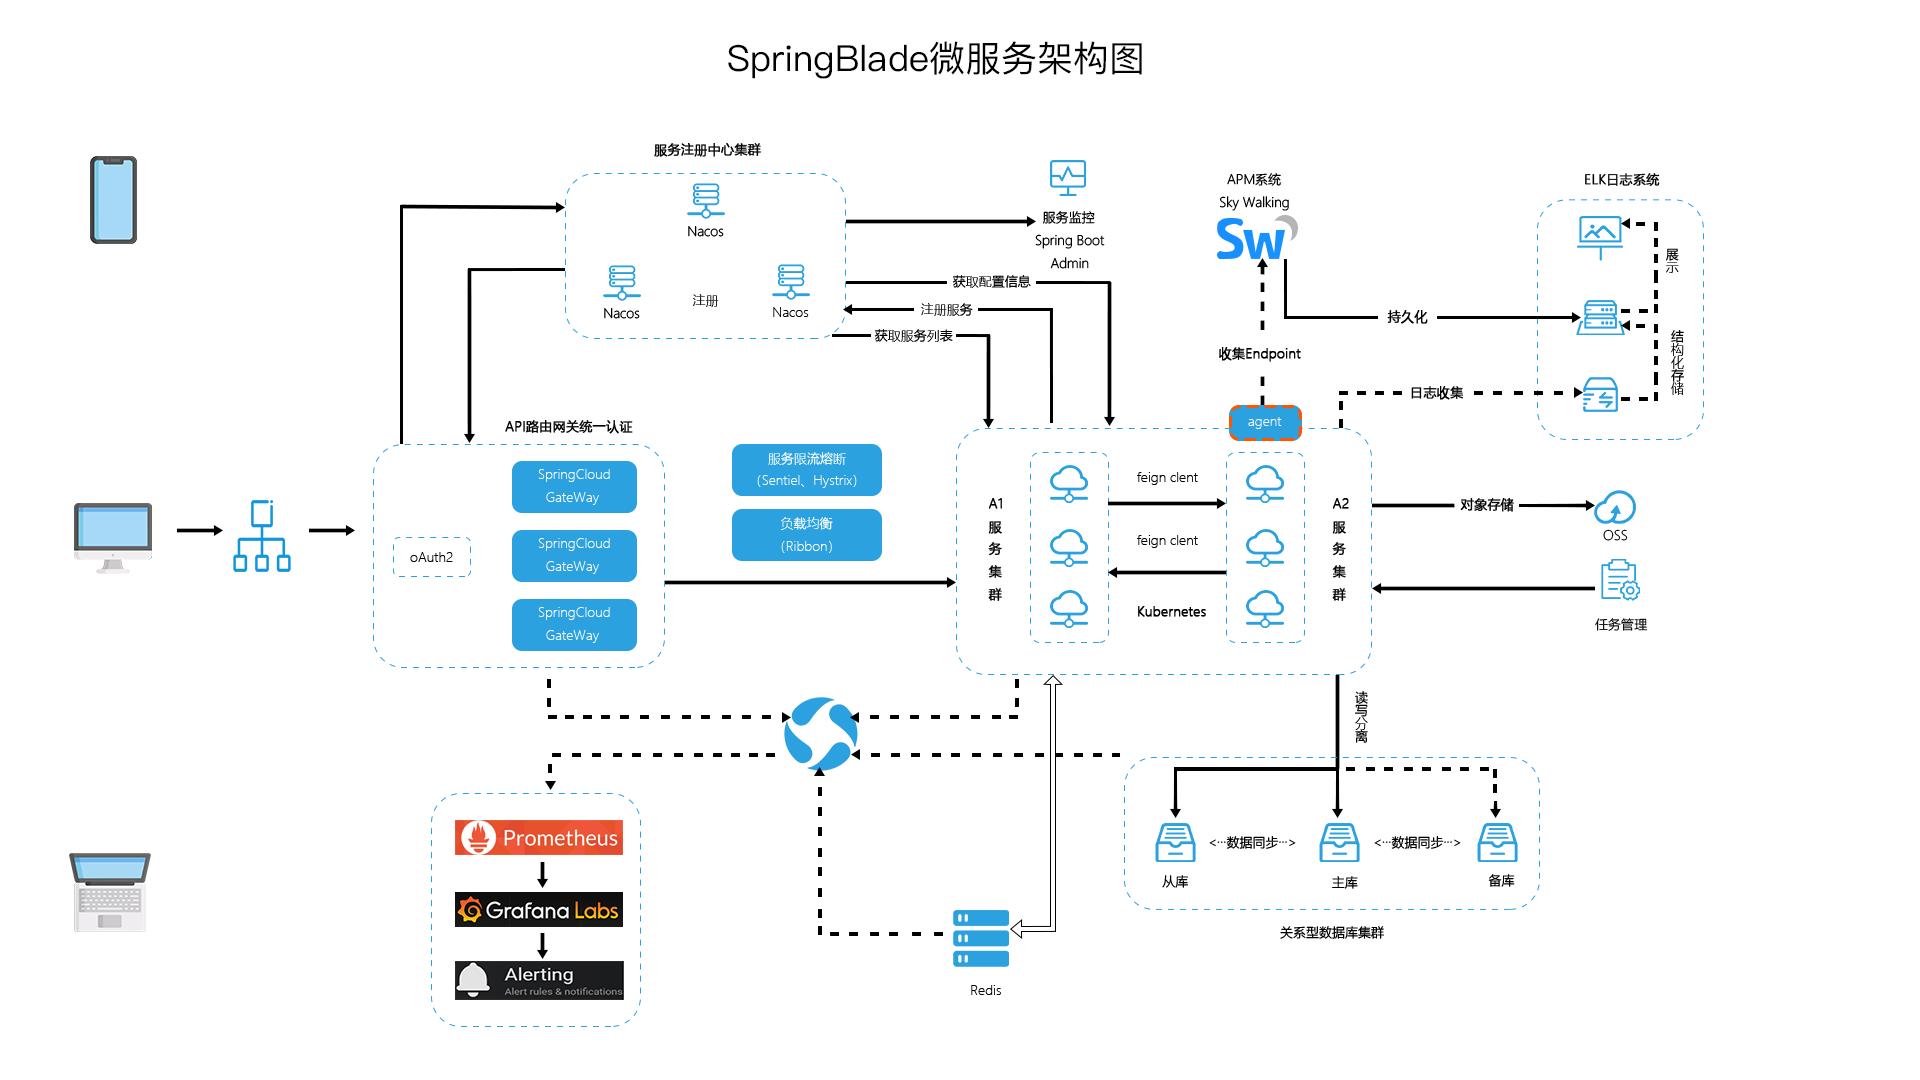 微服务应用开发平台